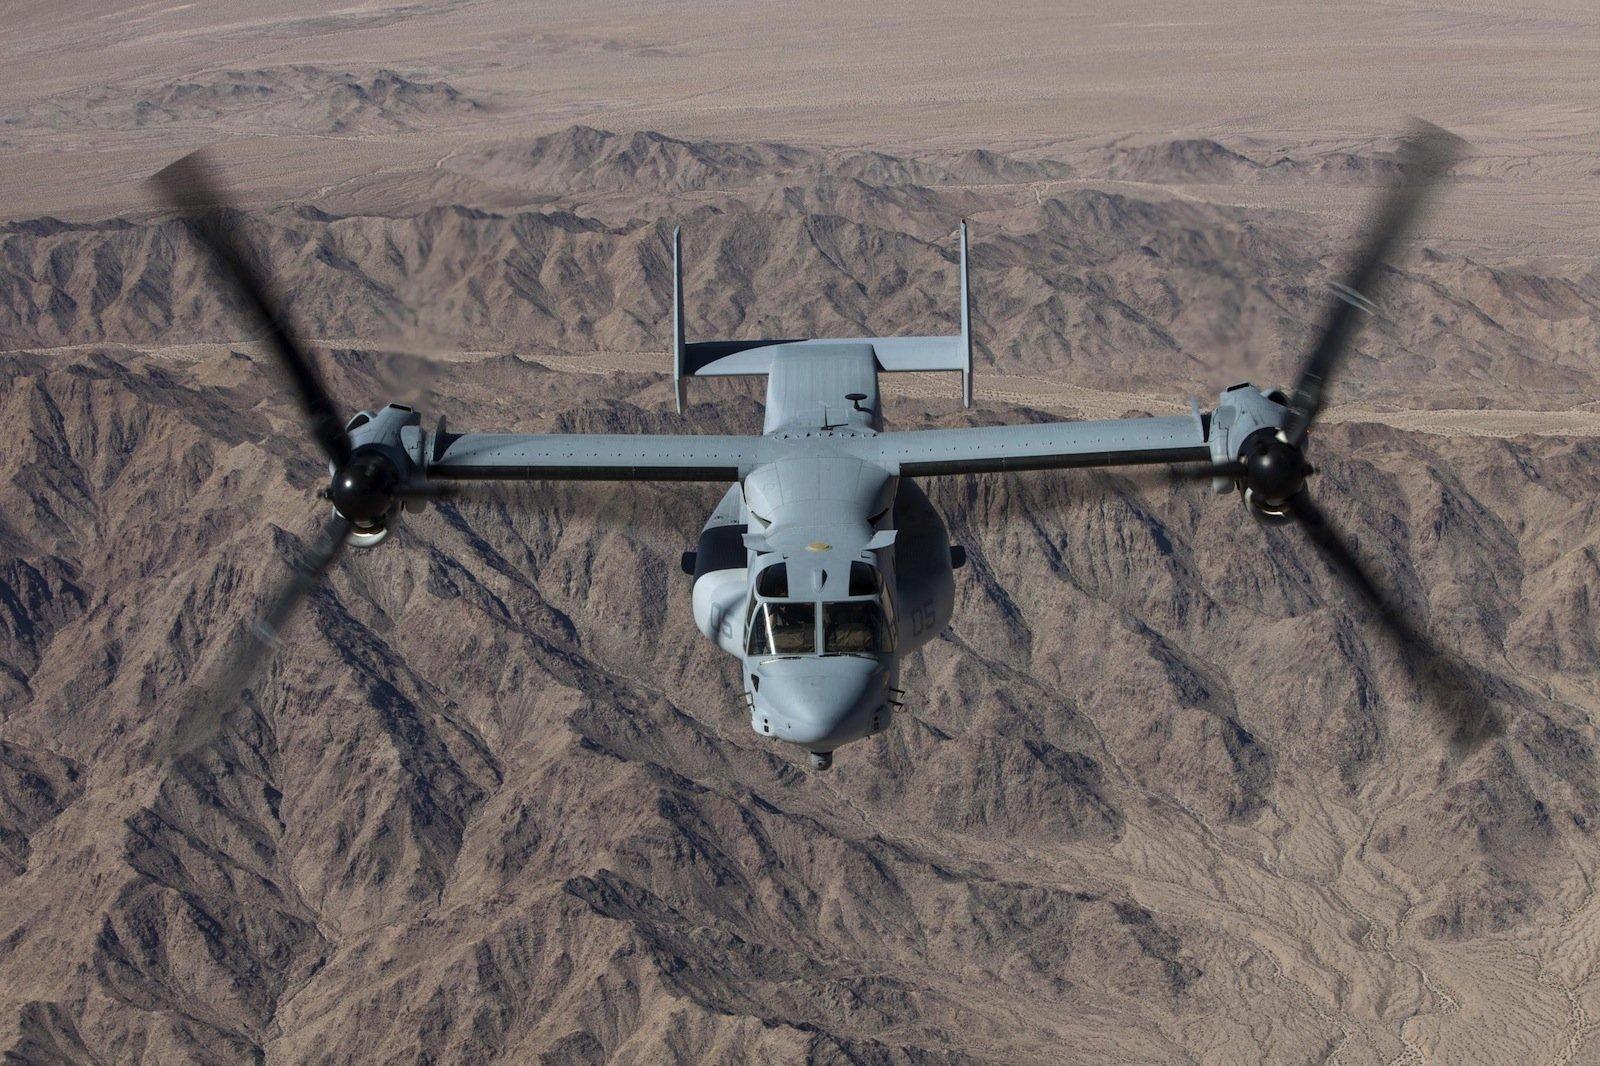 Das Kipprotor-Wandelflugzeug V-22 Osprey wird seit 2005 von der US-Luftwaffe und dem US-Marine-Corps eingesetzt.